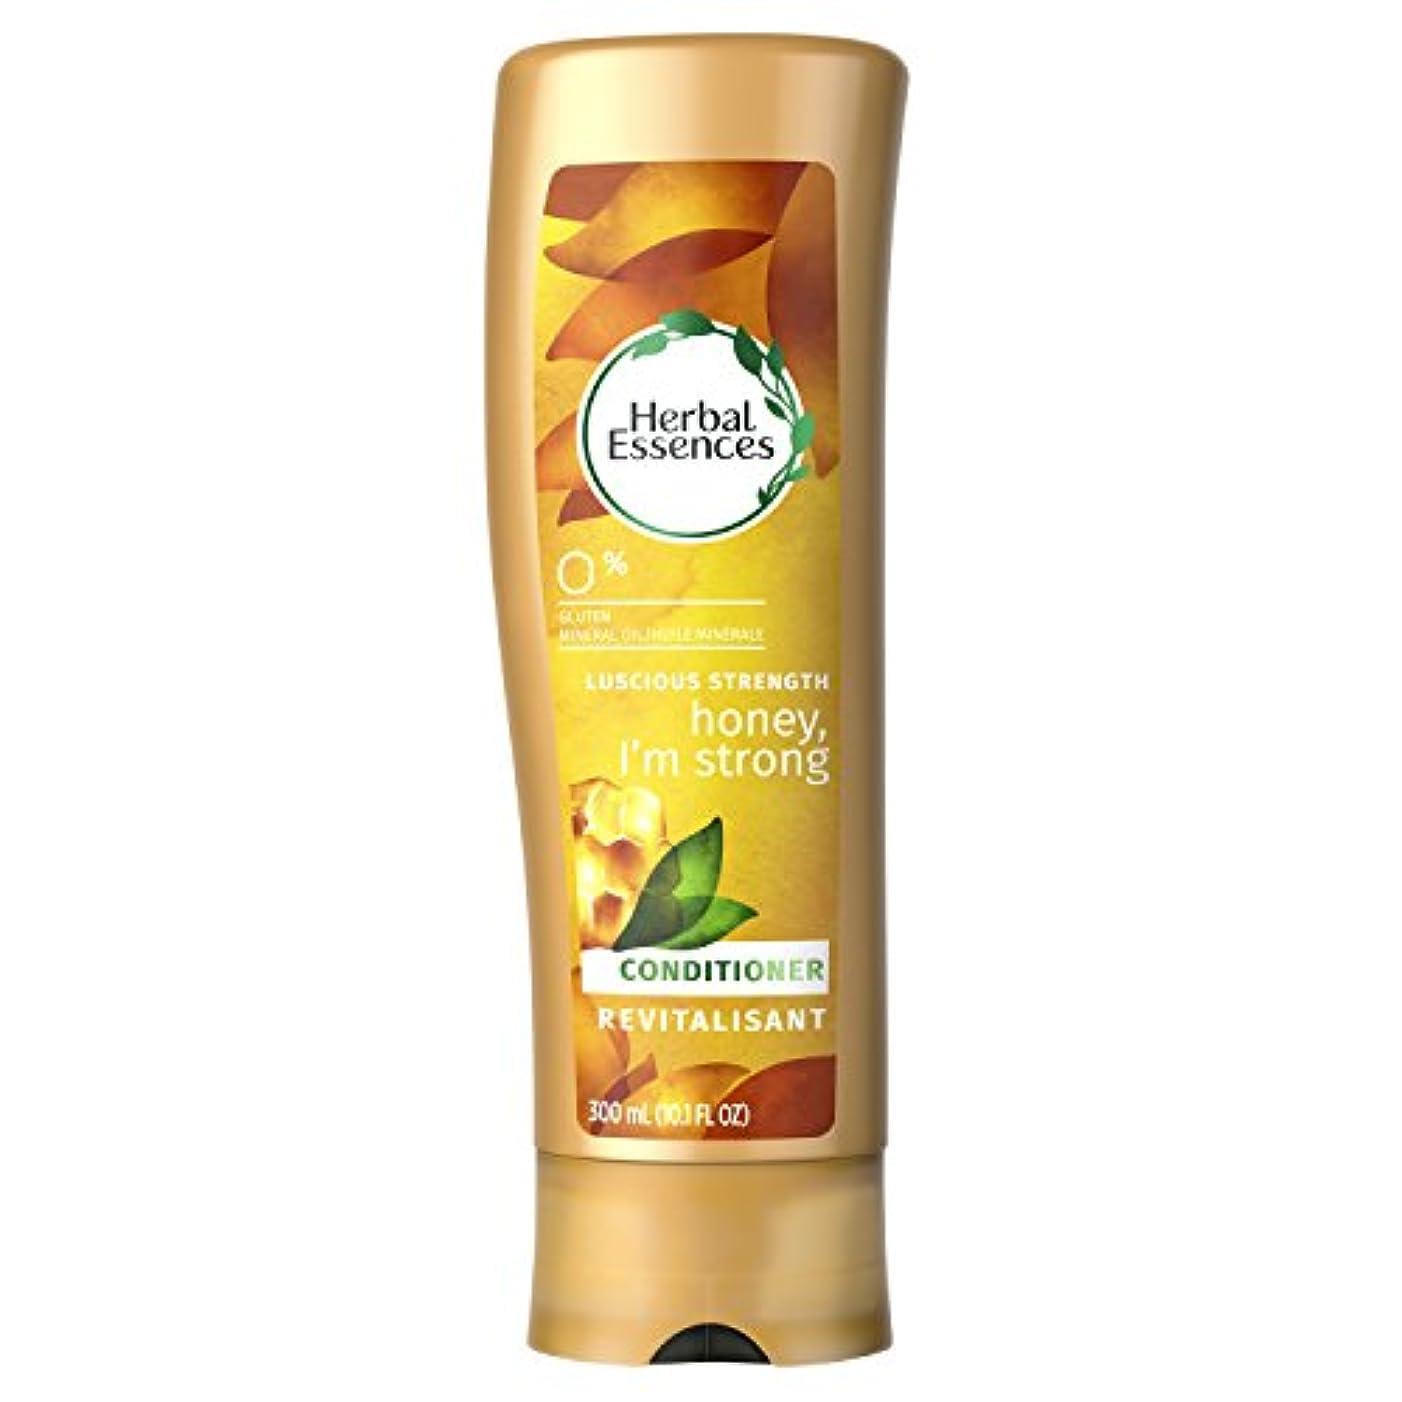 プレビスサイト太鼓腹くぼみHerbal Essences Honey I'm Strong Strengthening Conditioner, 10.1 Fluid Ounce by Procter & Gamble - HABA Hub [並行輸入品]